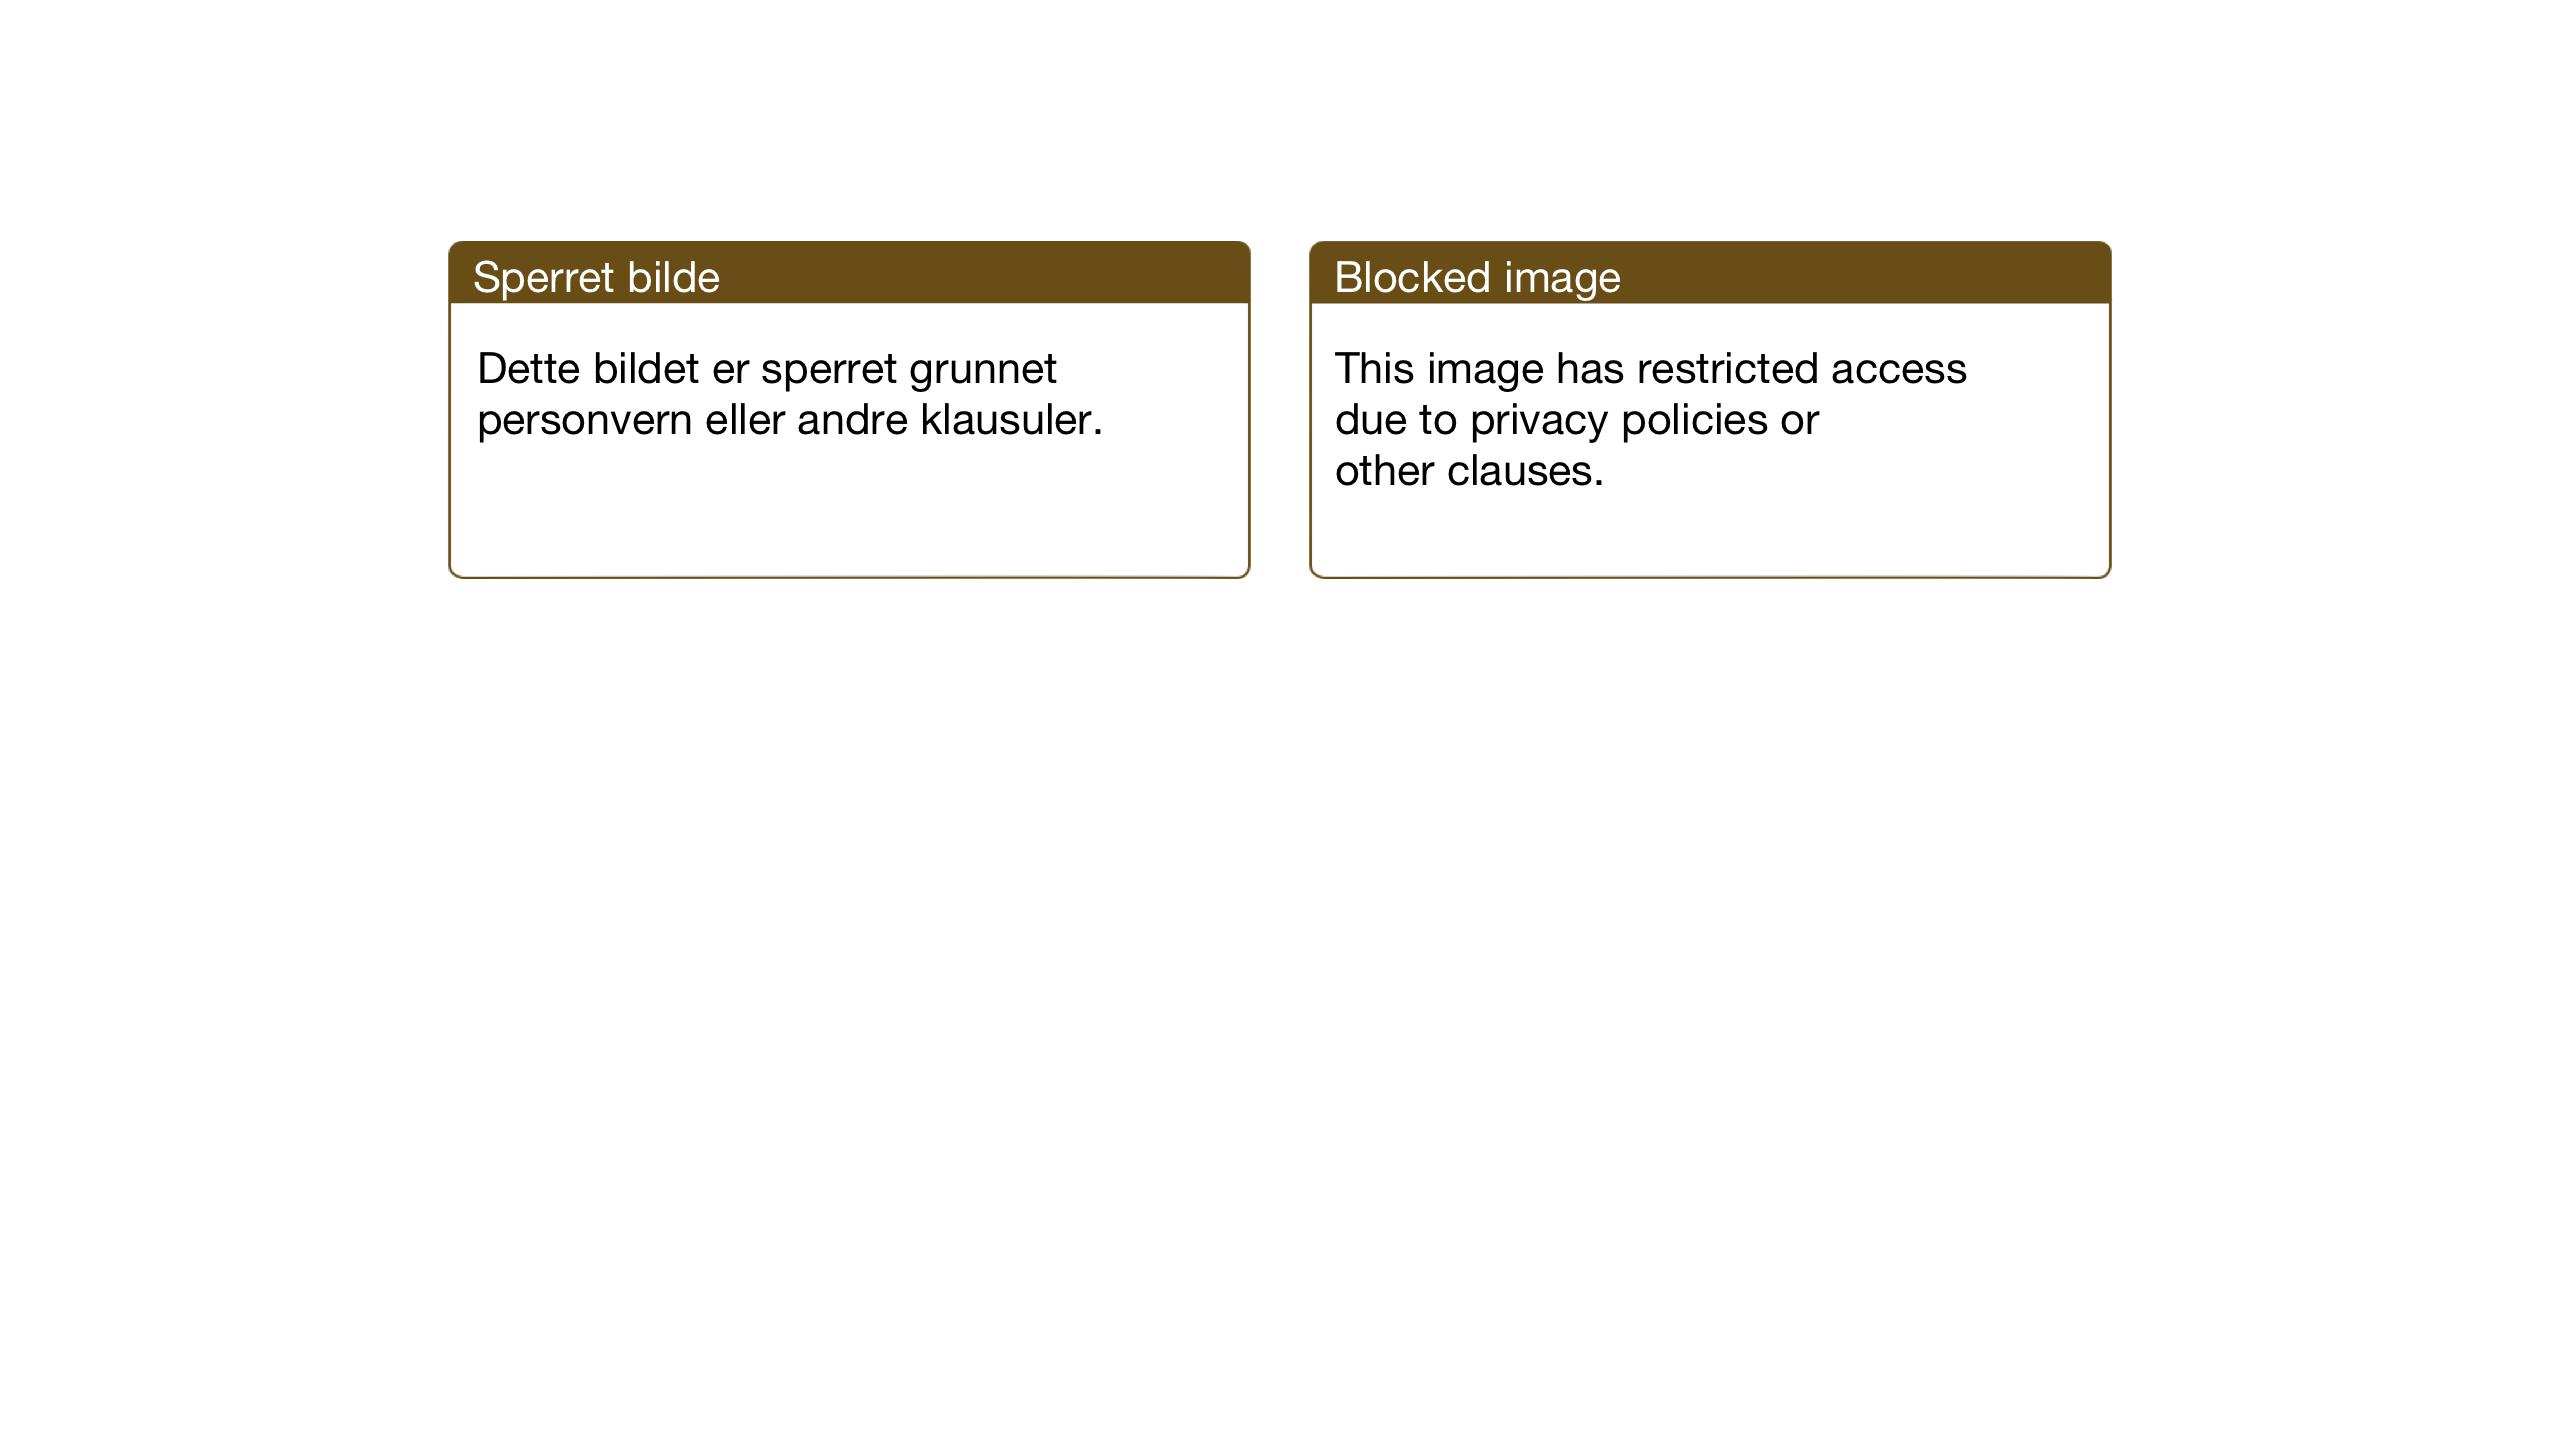 SAT, Ministerialprotokoller, klokkerbøker og fødselsregistre - Nord-Trøndelag, 721/L0209: Klokkerbok nr. 721C02, 1918-1940, s. 66